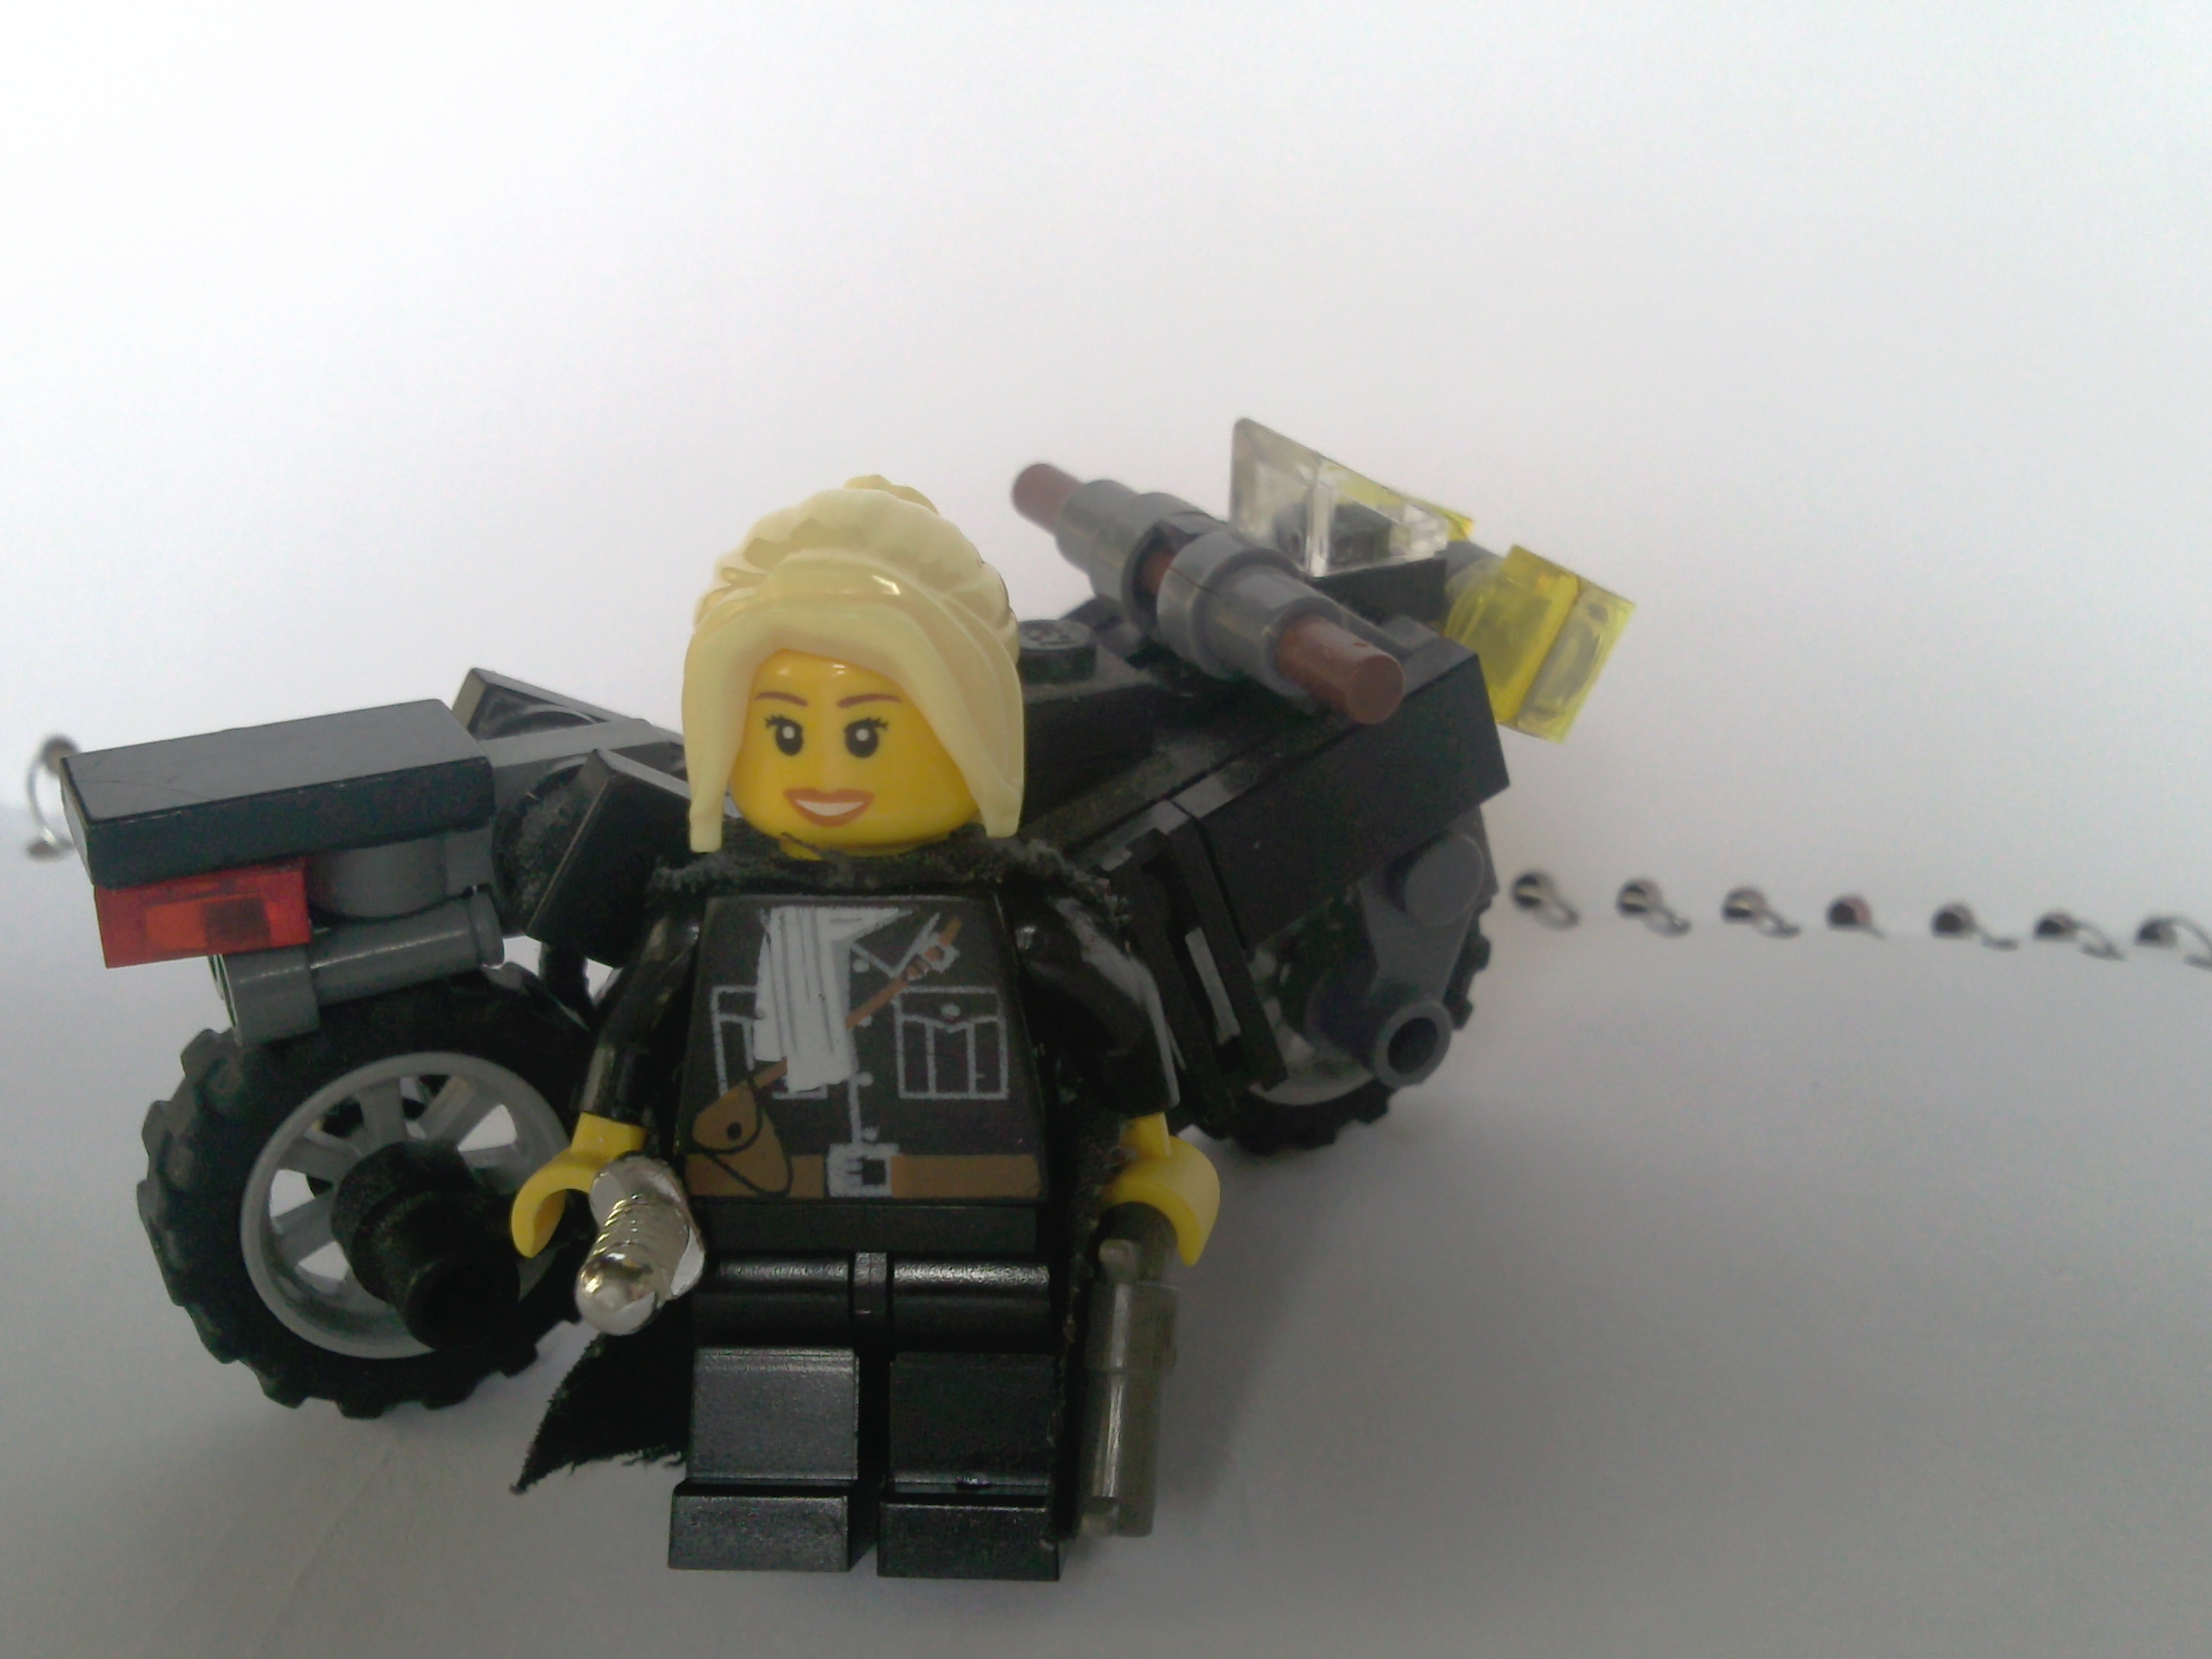 mafia_girl_and_motorcycle.jpg